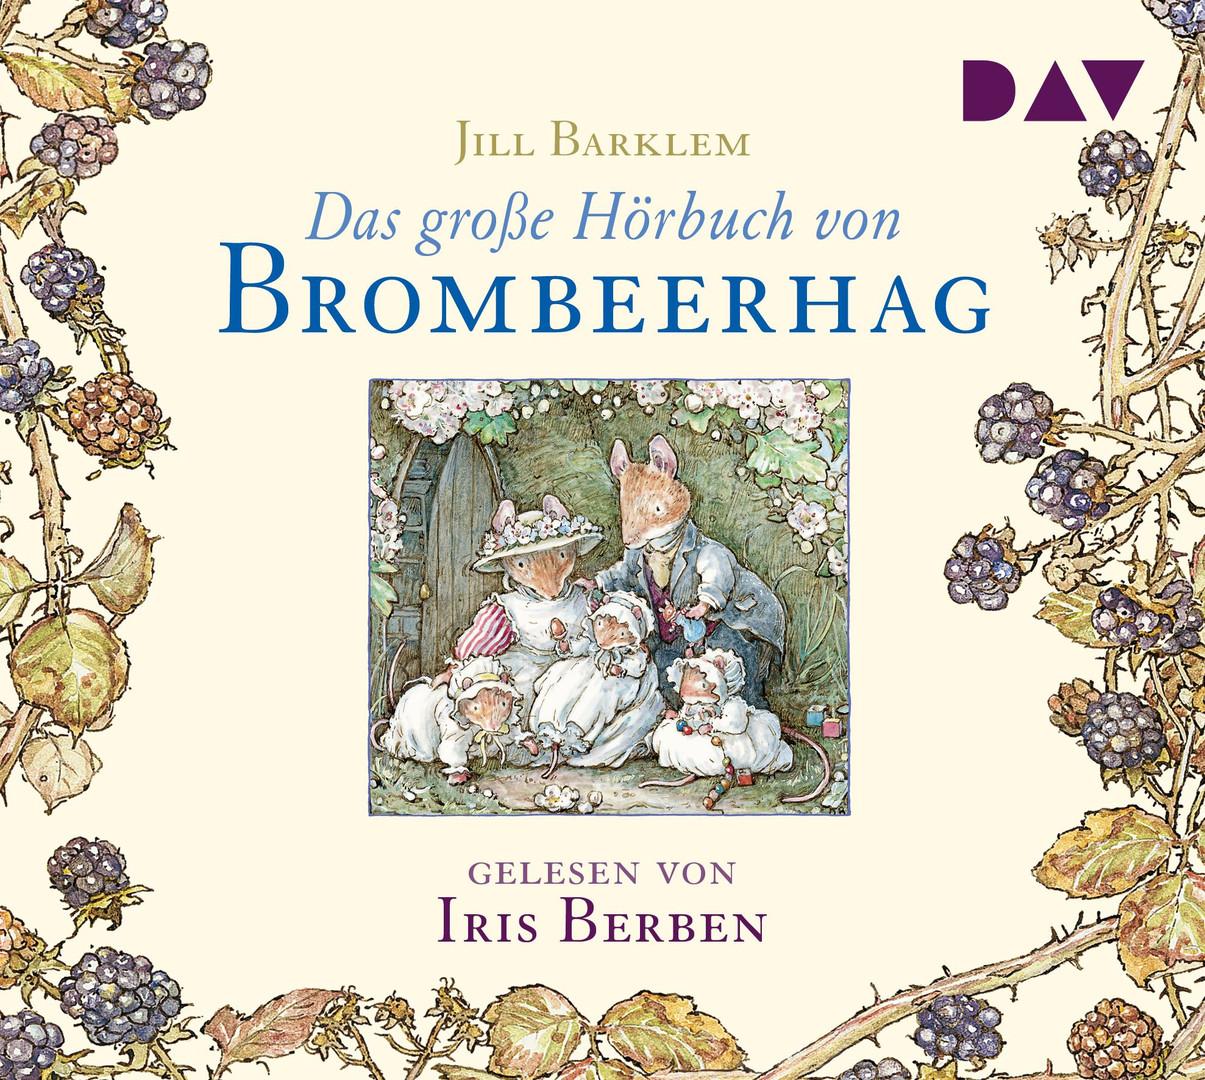 Jill Barklem - Das große Hörbuch von Brombeerhag